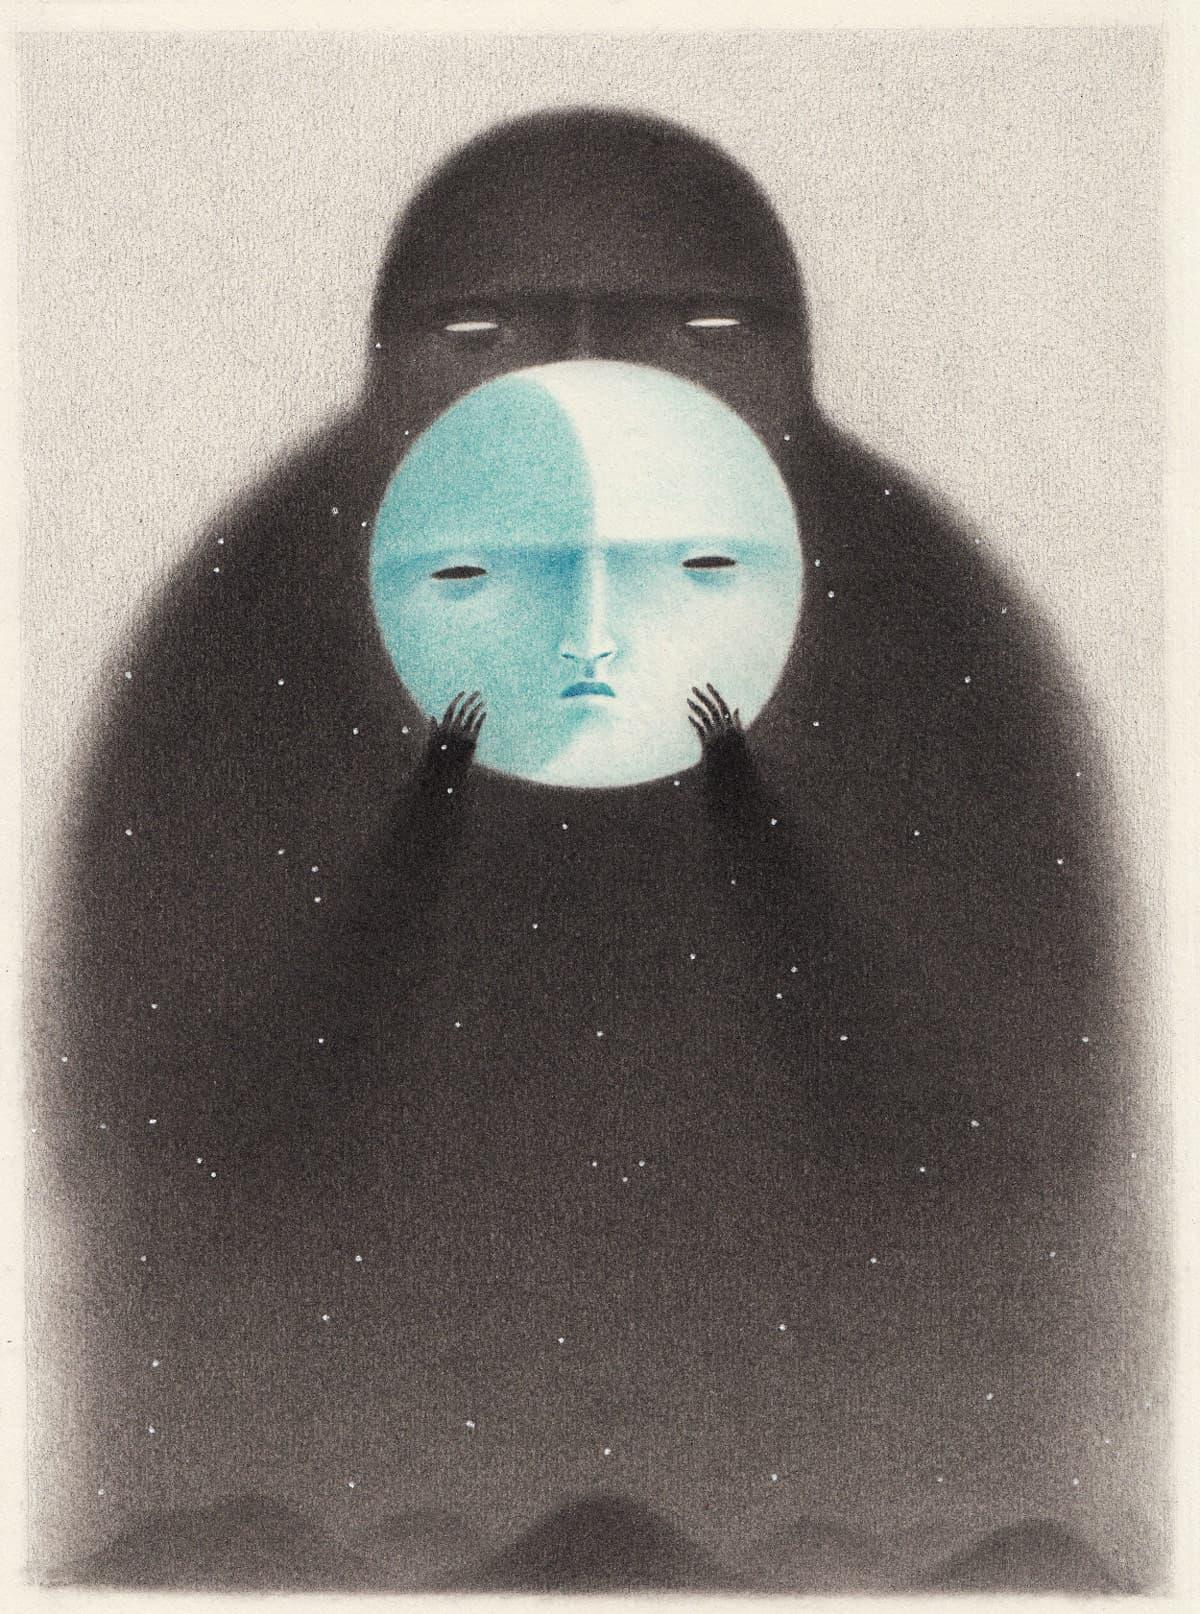 david alvarez ilustraciones noche (3)